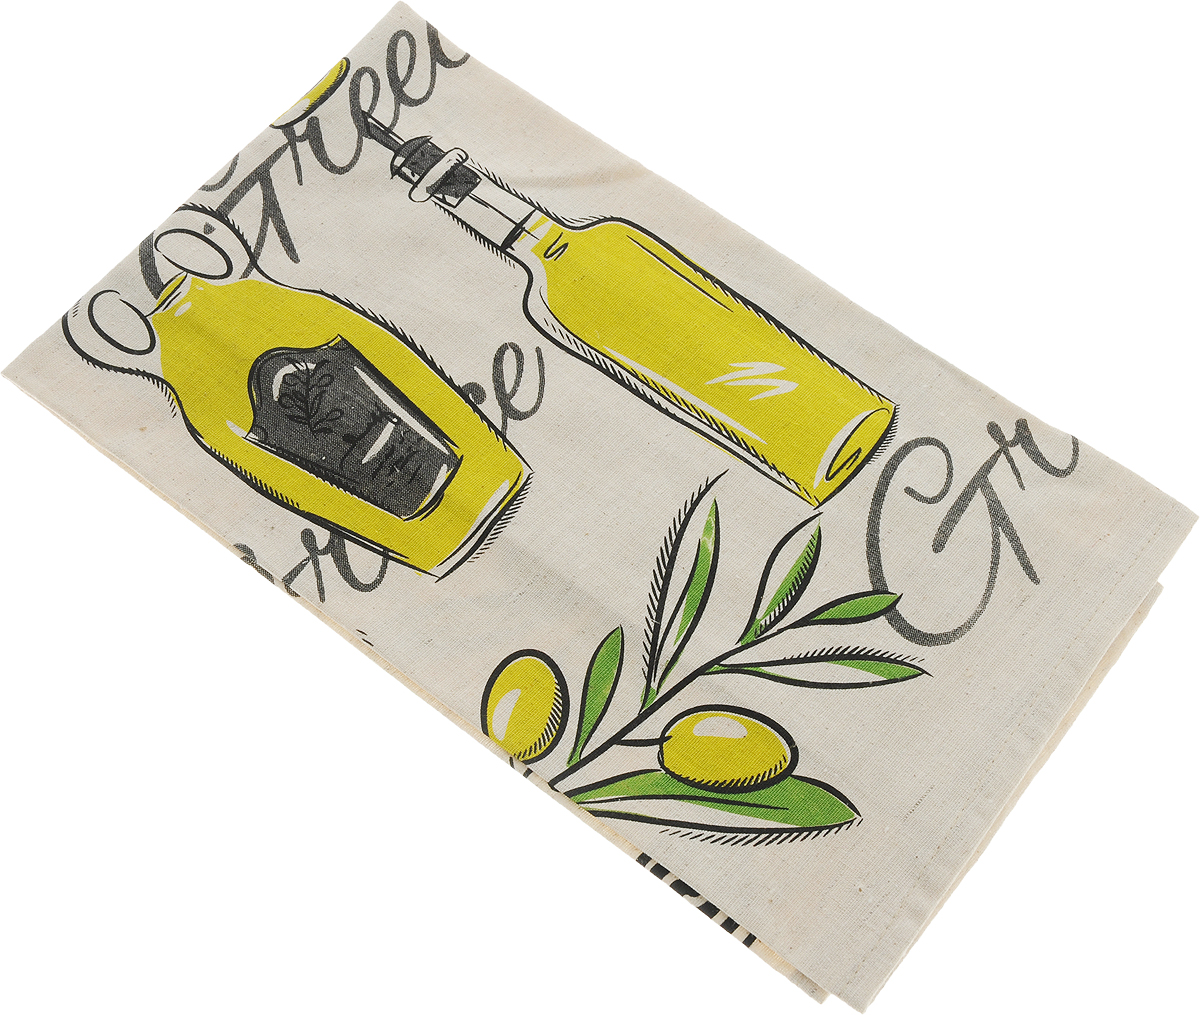 Полотенце кухонное LarangE От Шефа. Оливки, 45 х 60 смПЛ-6045_оливкиКухонное полотенце LarangE От Шефа. Оливки изготовлено из льна и хлопка и оформлено рисунком. Полотенце идеально впитывает влагу и сохраняет свою мягкость даже после многих стирок. Полотенце LarangE От Шефа. Оливки - отличный вариант для практичной и современной хозяйки.